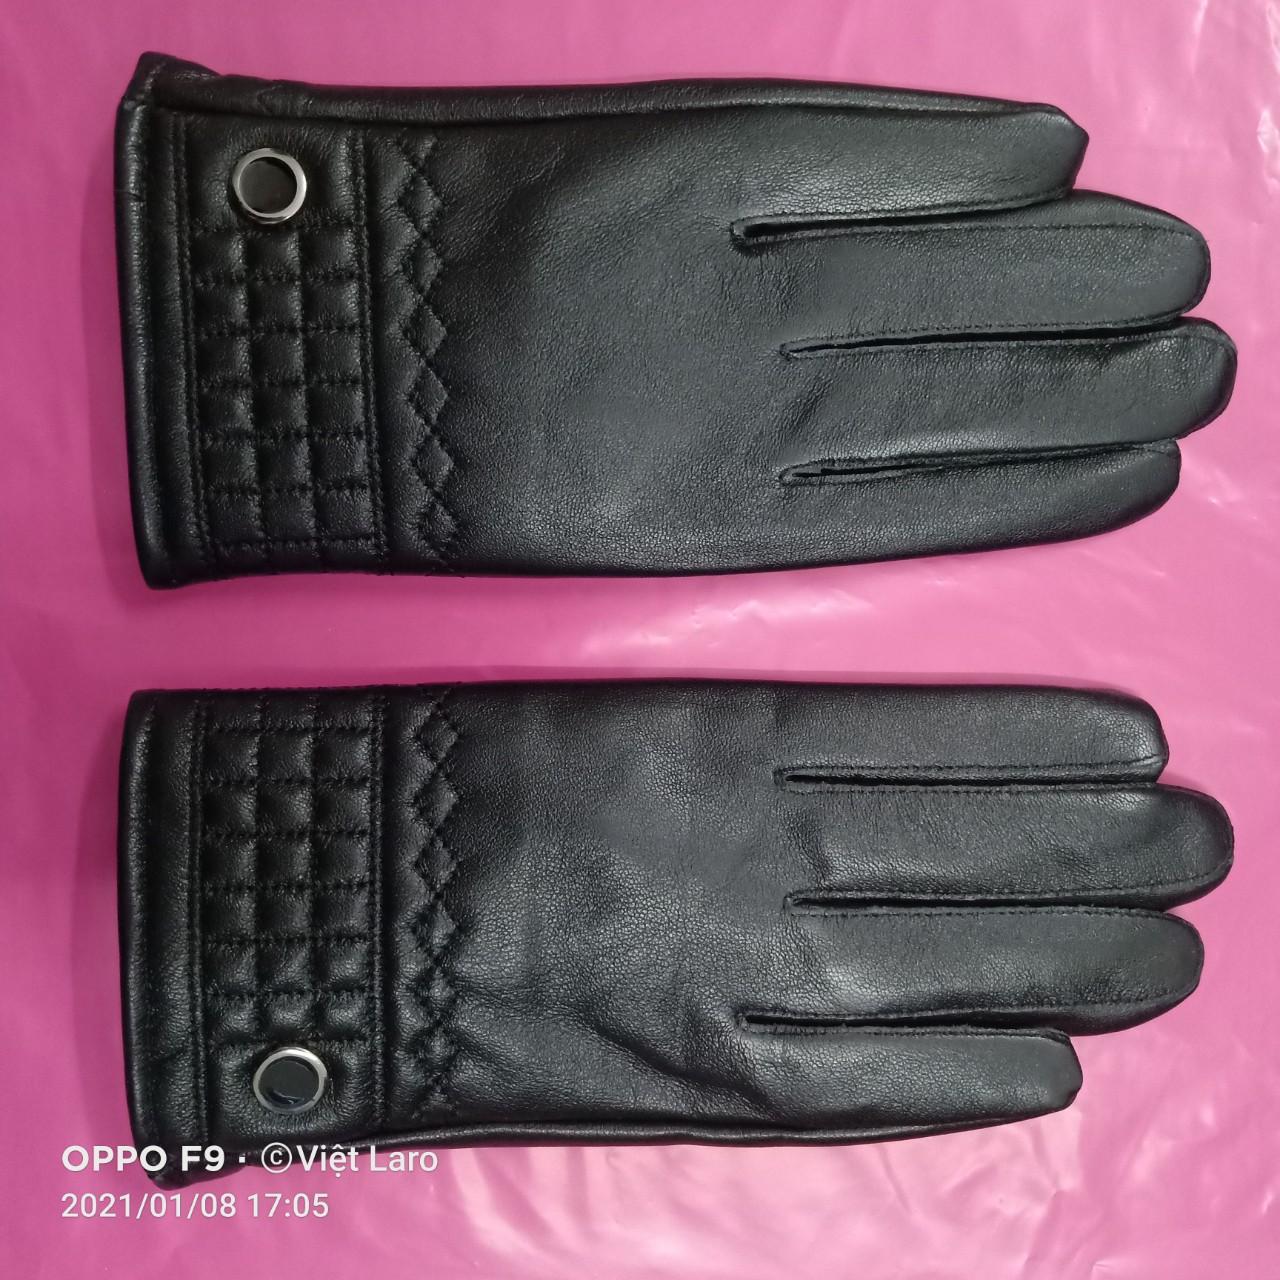 Găng tay nam da cừu, sản phẩm găng tay được chế tạo từ da cừ, chống nước, bên trong có...